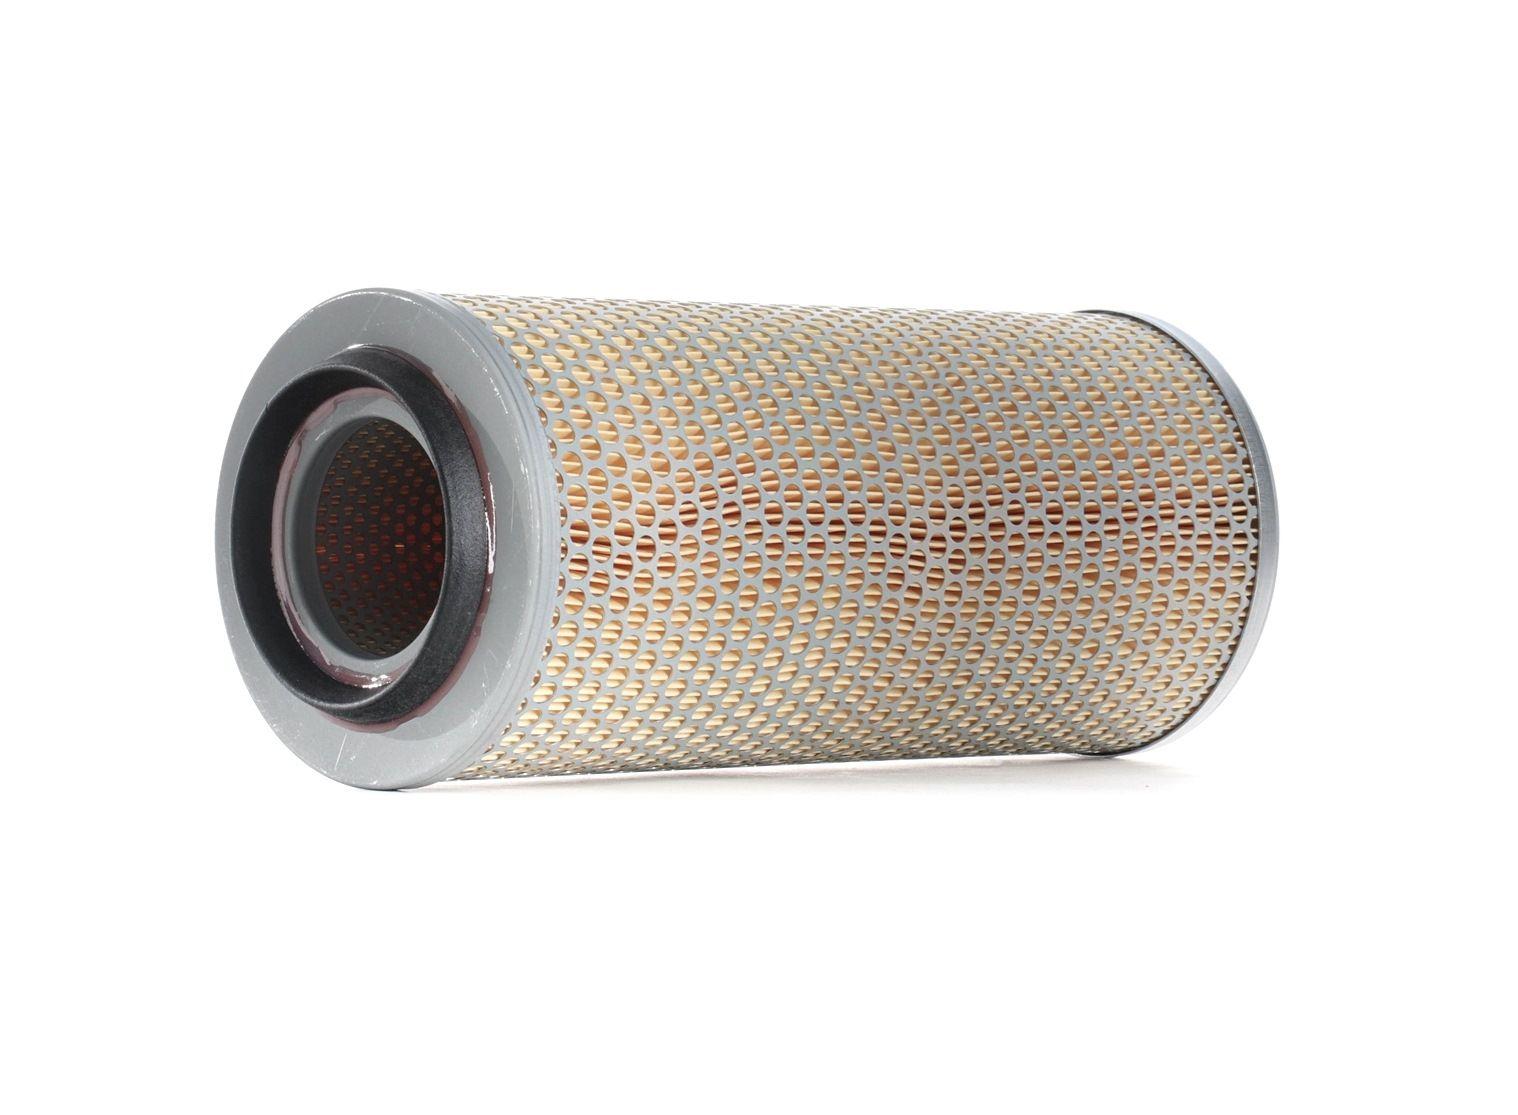 Køb C 15 165/3 MANN-FILTER Piclon Filterindsats Höhe: 338mm Luftfilter C 15 165/3 billige